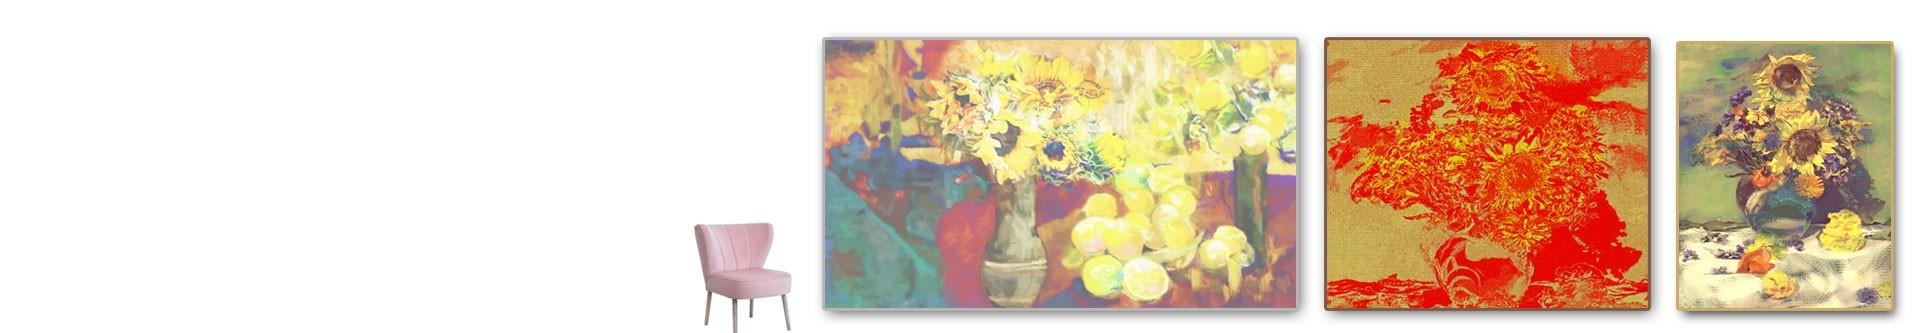 Obrazy słoneczniki na płótnie - sklep z obrazami grafikiobrazy.pl